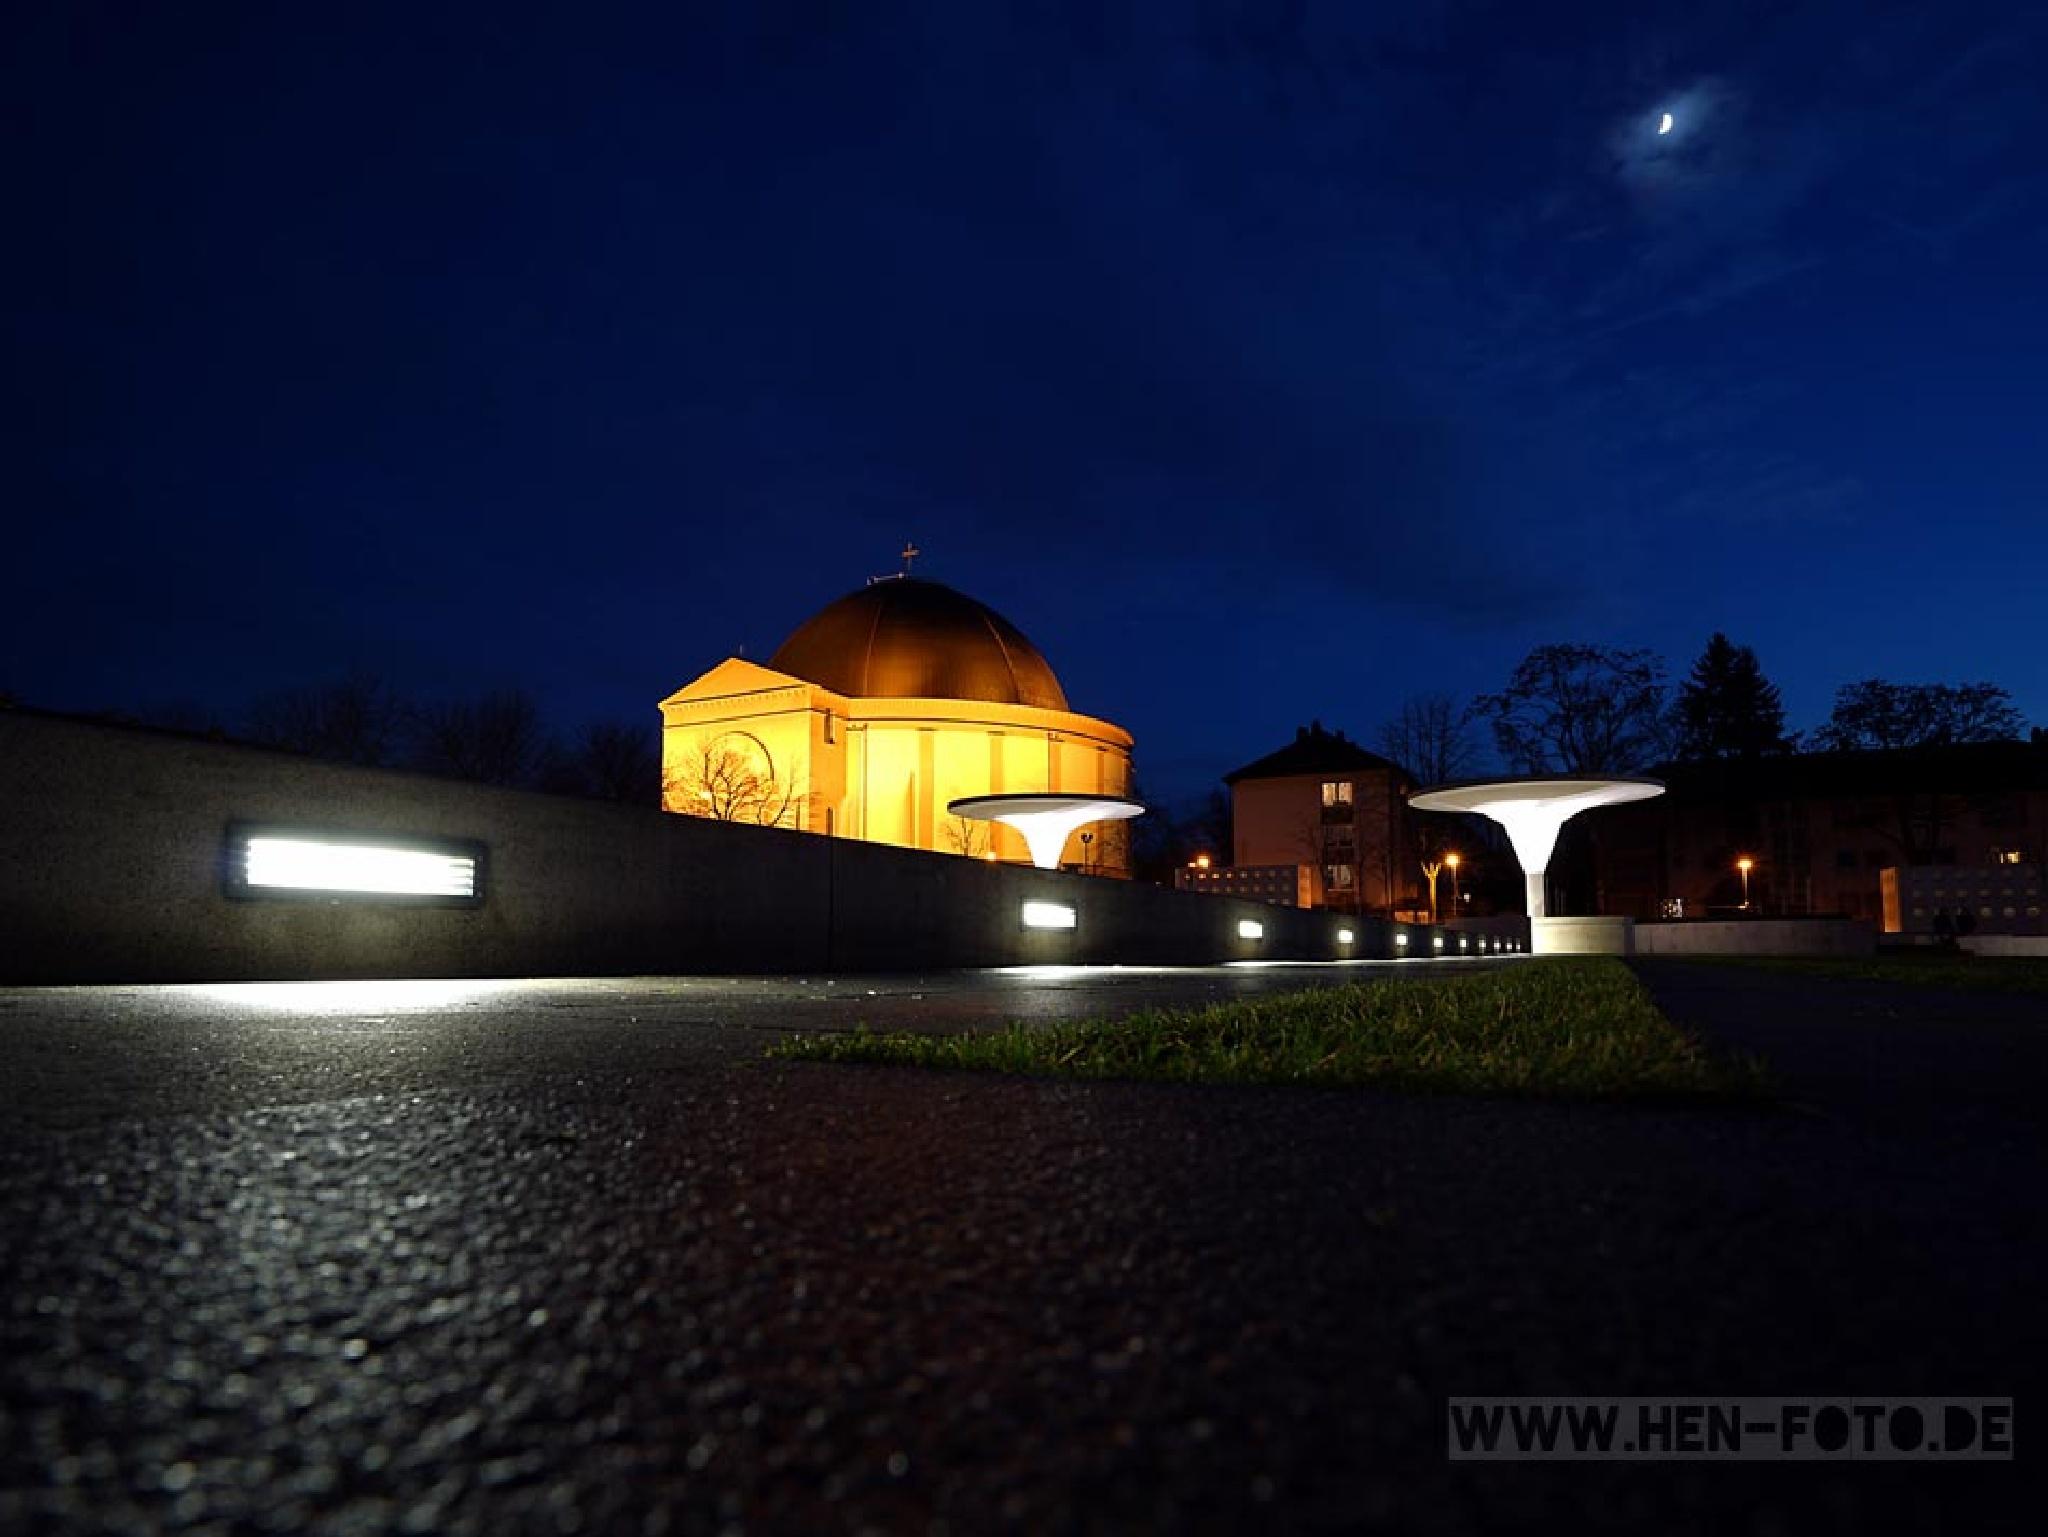 Zunehmender Mond by HEN-FOTO